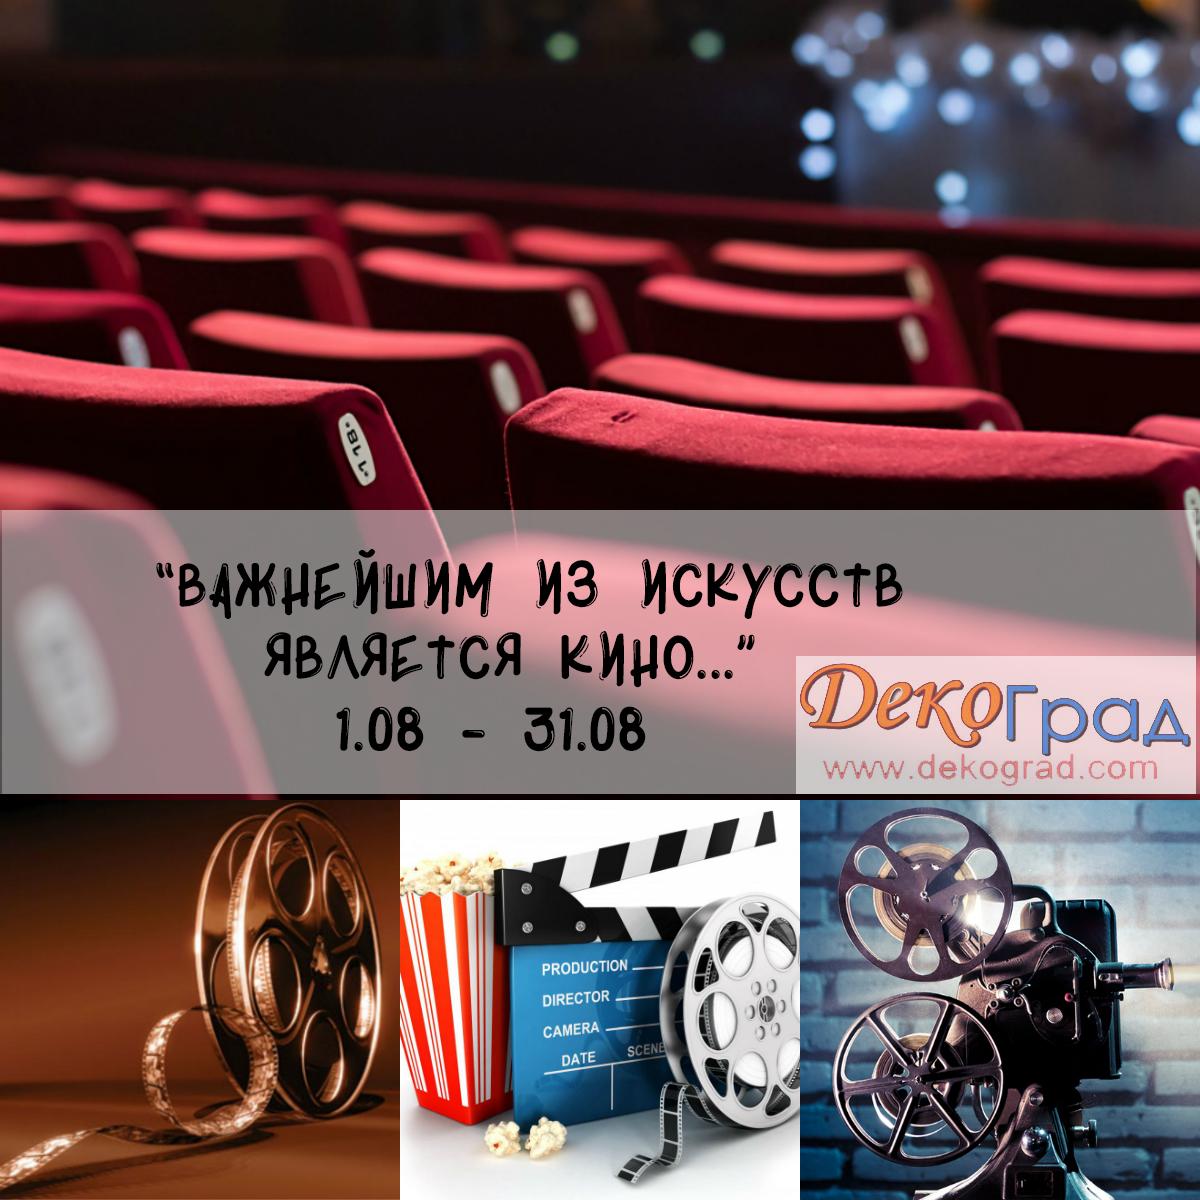 """Задание: Важнейшим из искусств является кино"""". Август"""